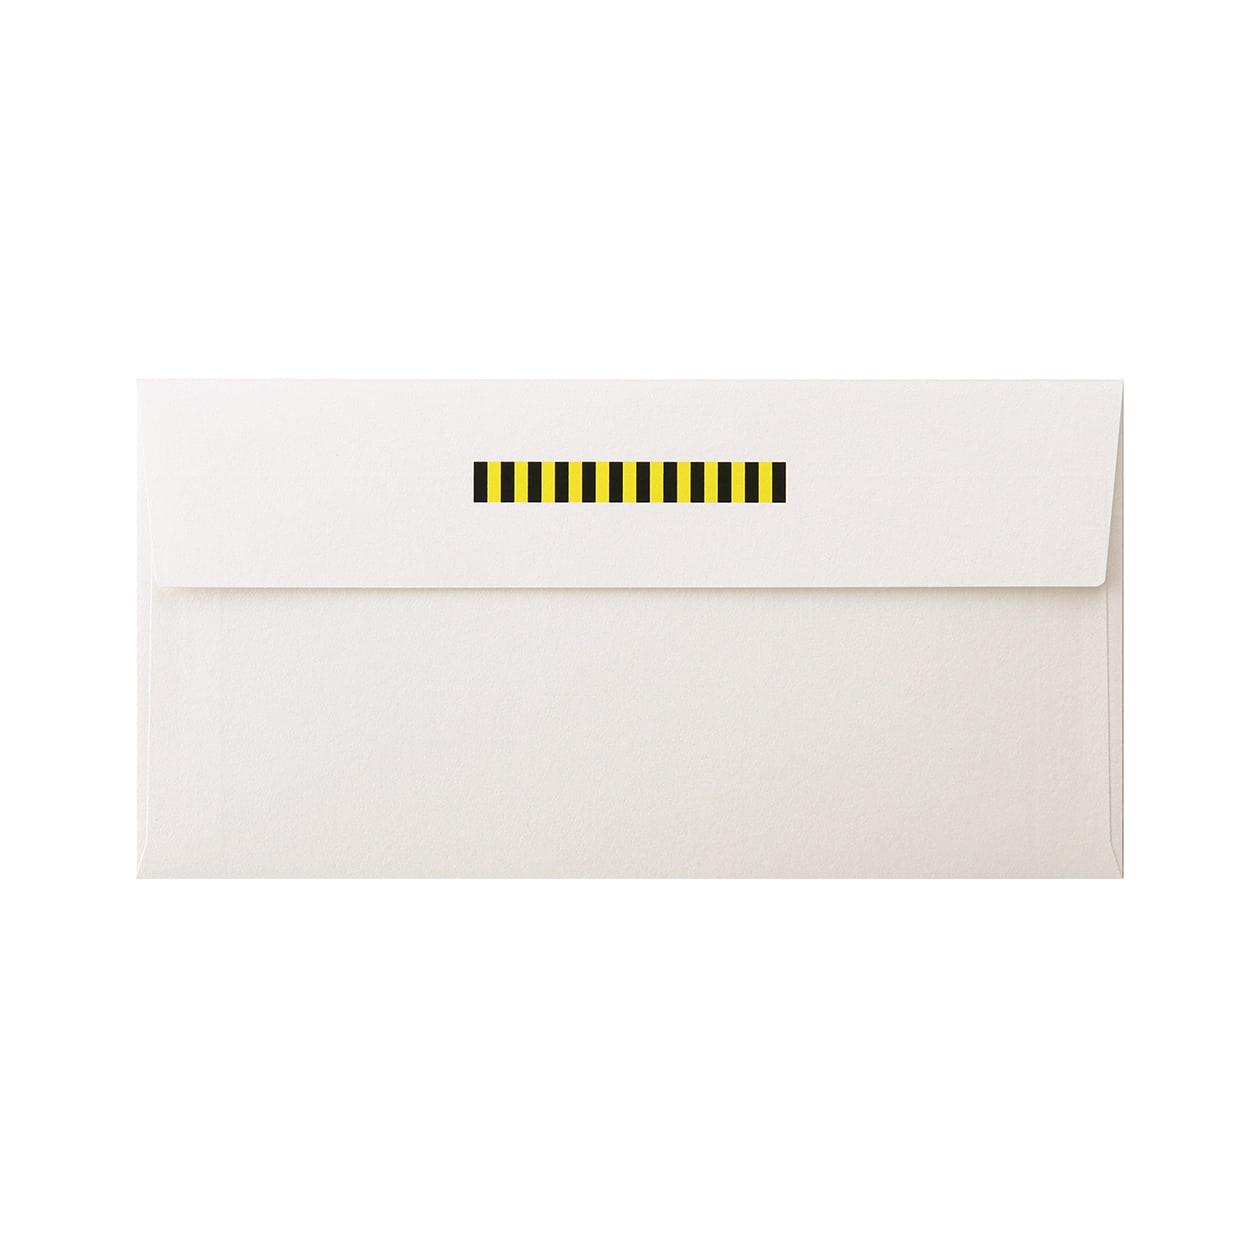 見本 00220 長3カマス封筒 コットンパール スノーホワイト 125.3g